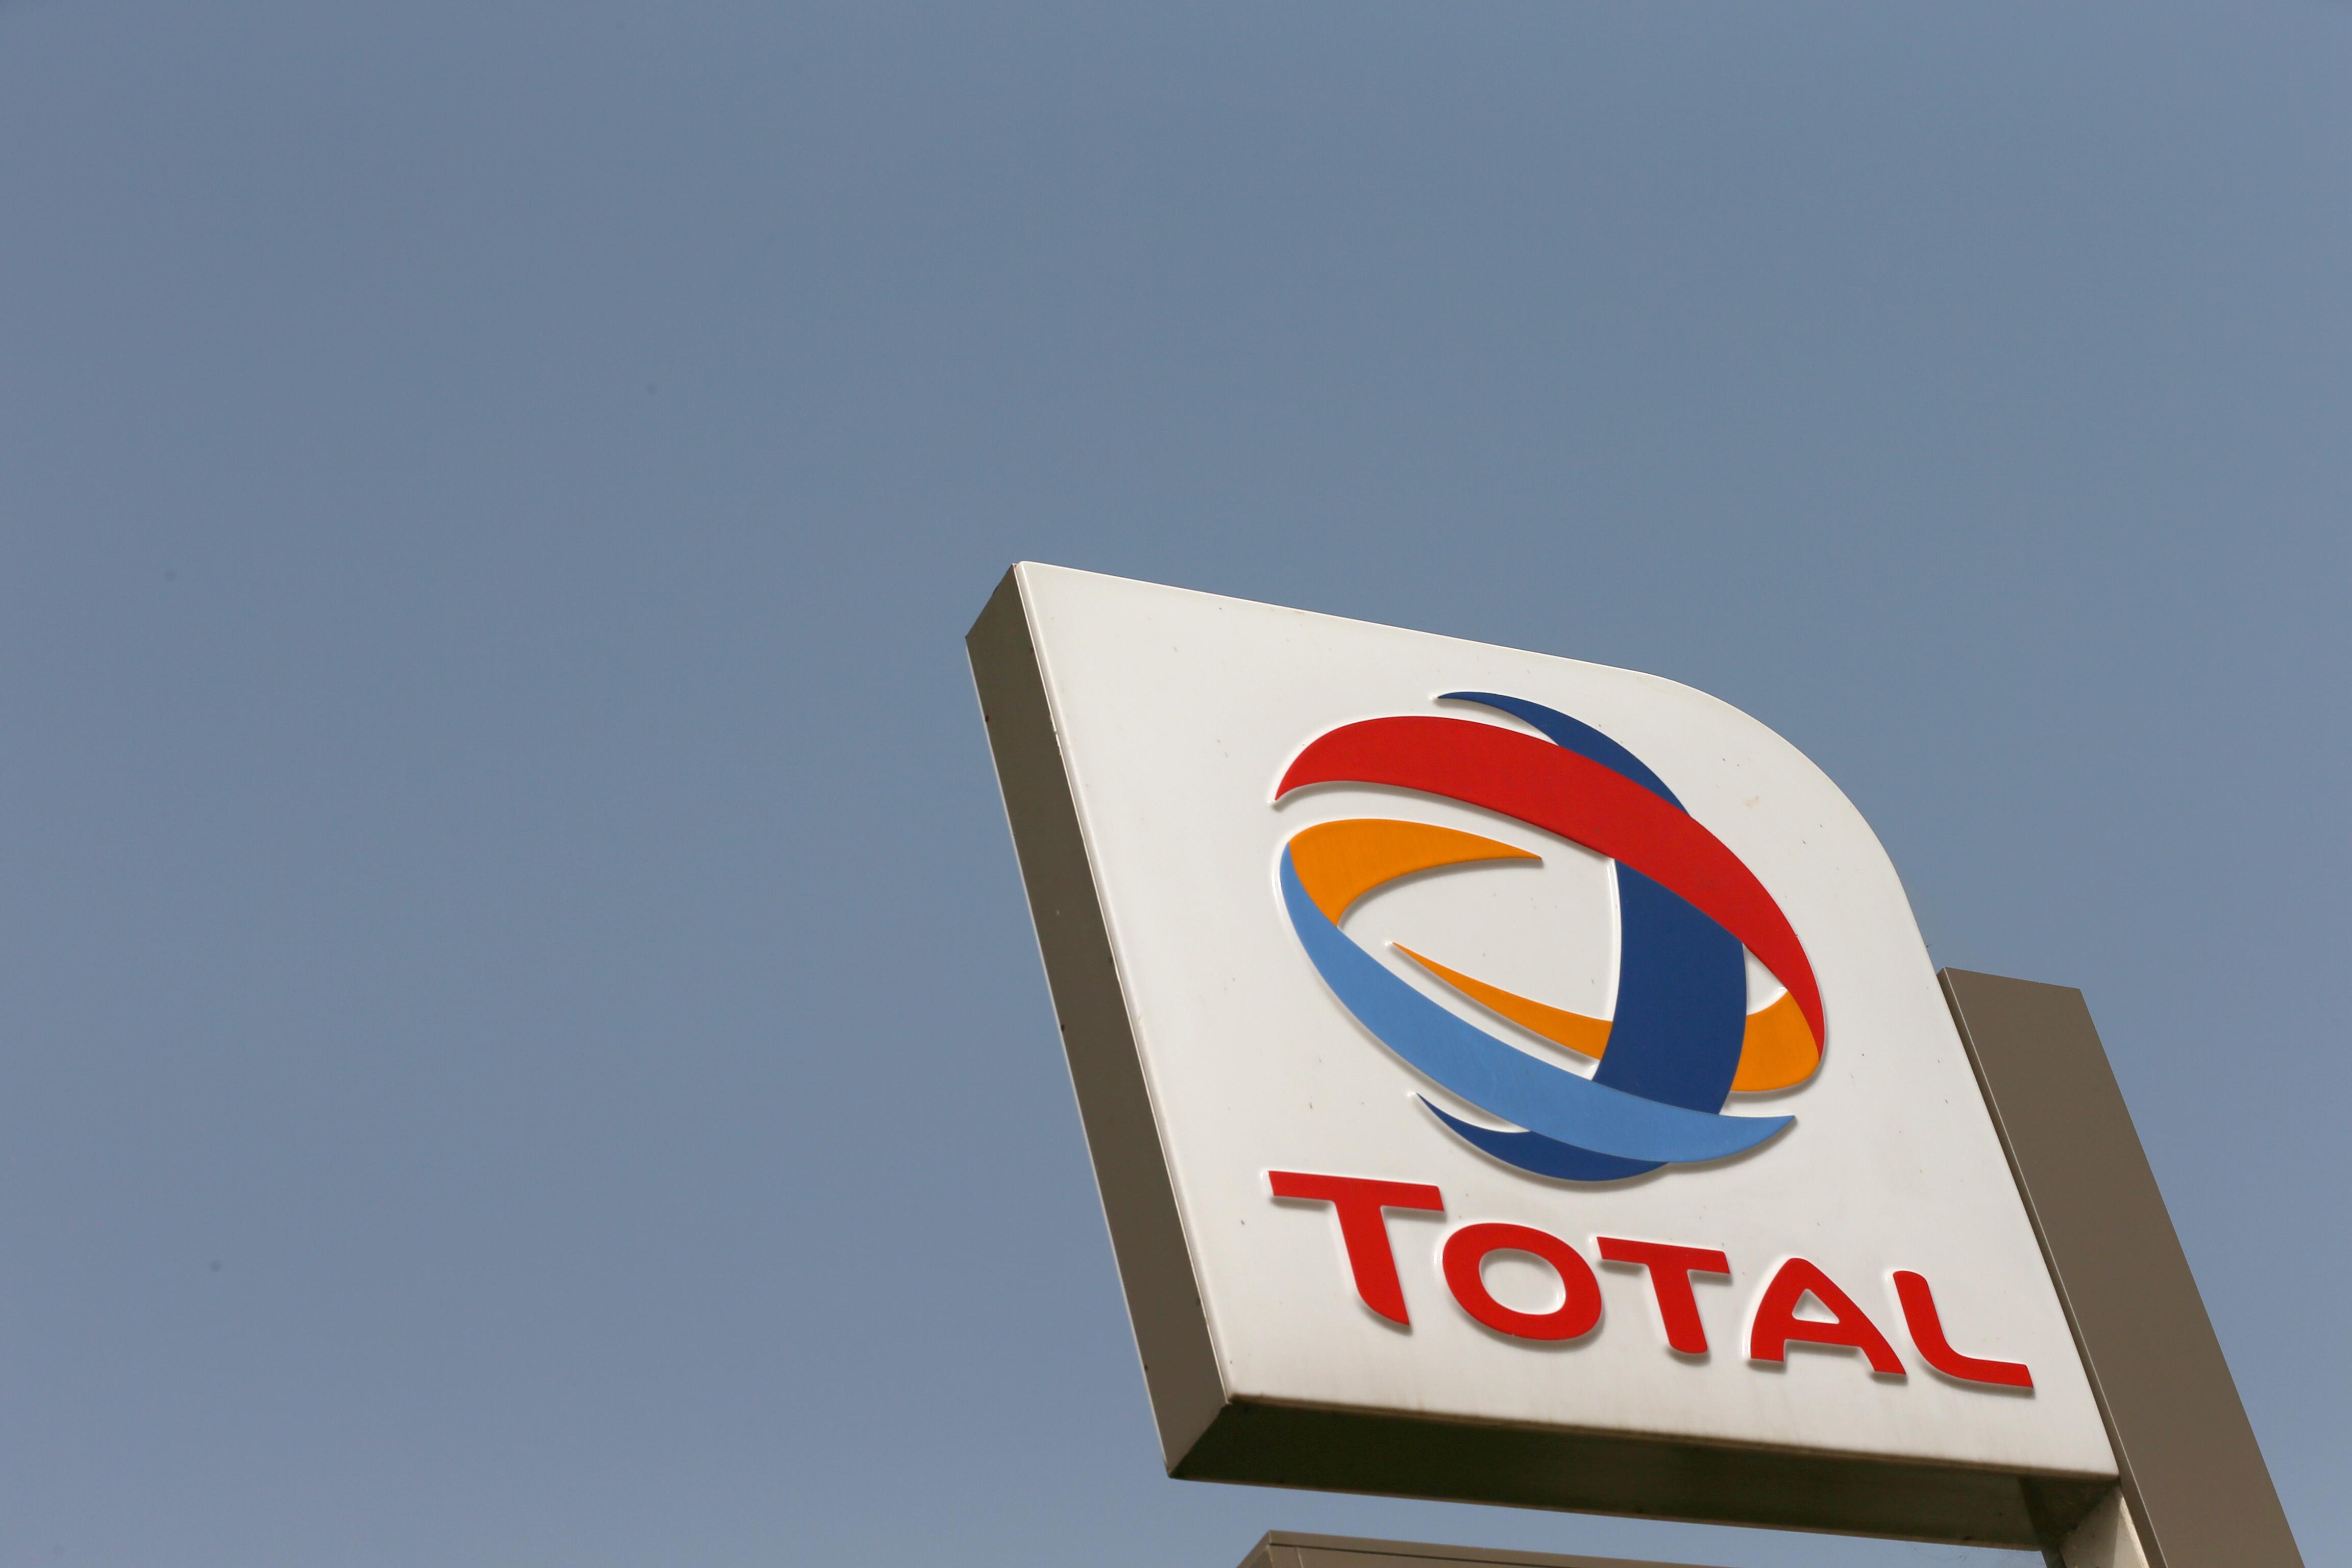 Le groupe Total a déclaré vendredi tout mettre en oeuvre pour assurer l'approvisionnement de ses clients de la région lyonnaise malgré la grève qui affecte la raffinerie de Feyzin (Rhône) depuis le 7 octobre. /Photo d'archives/REUTERS/Afolabi Sotunde